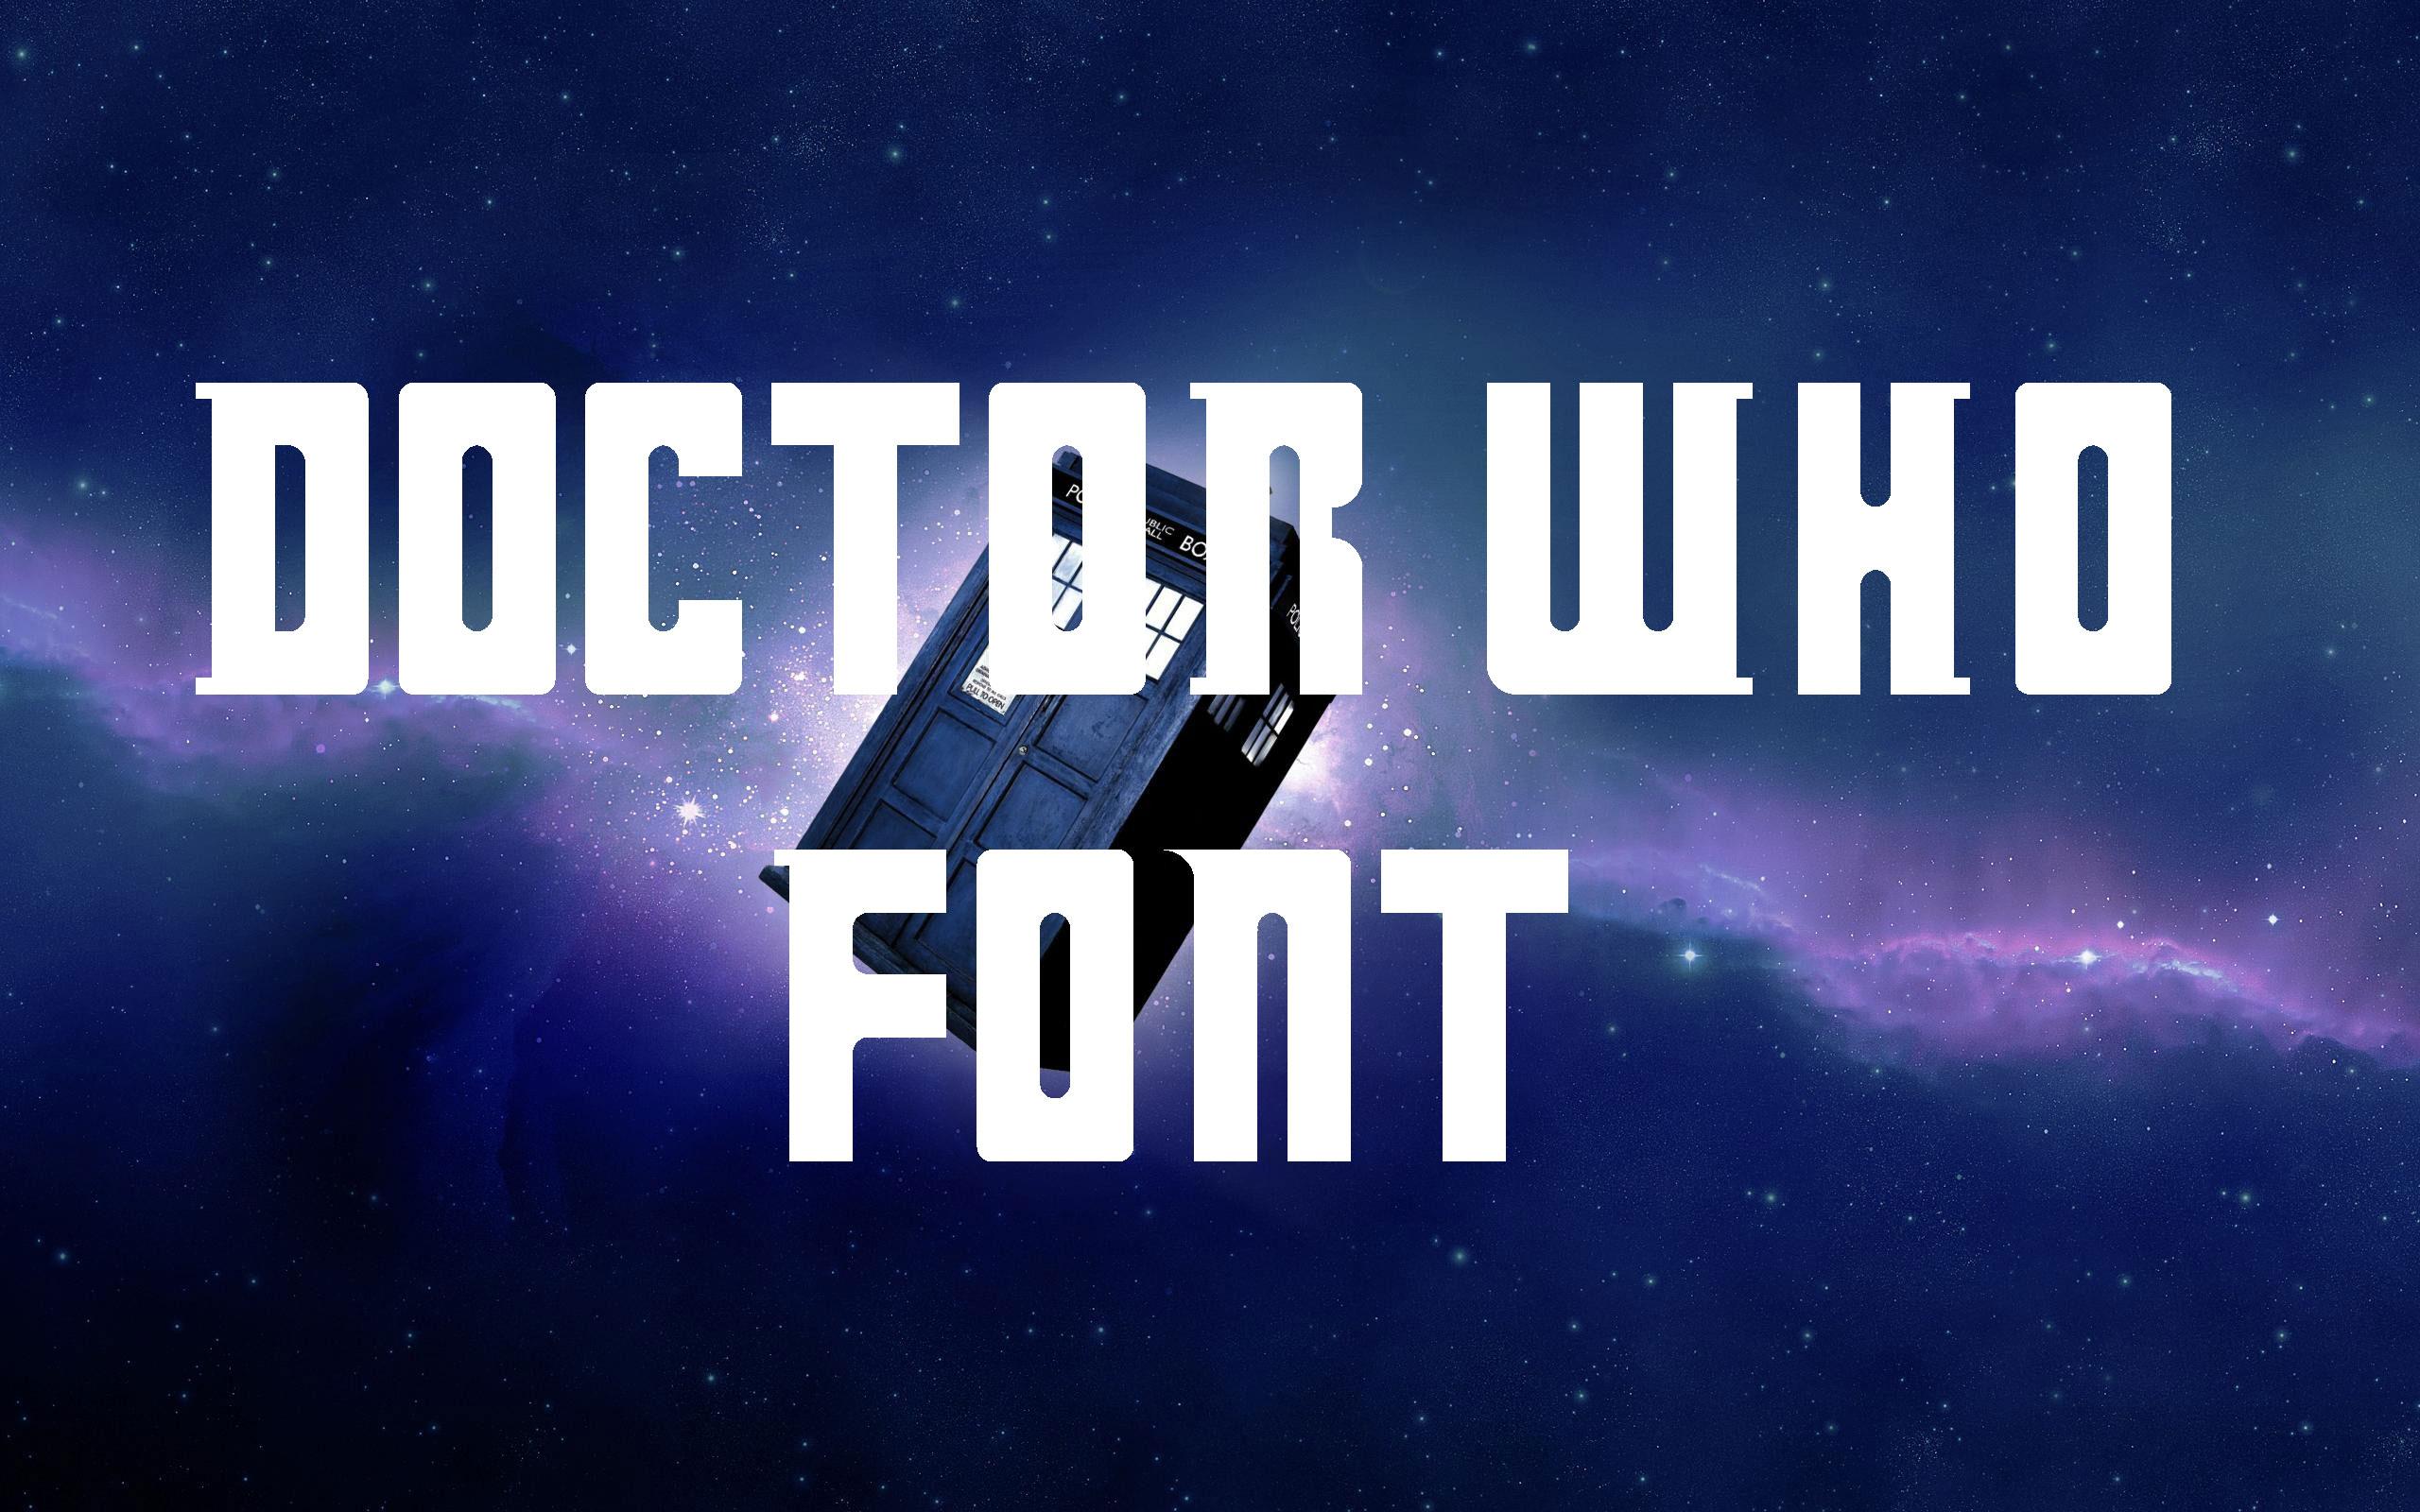 Doctor Who Fancy Font -1